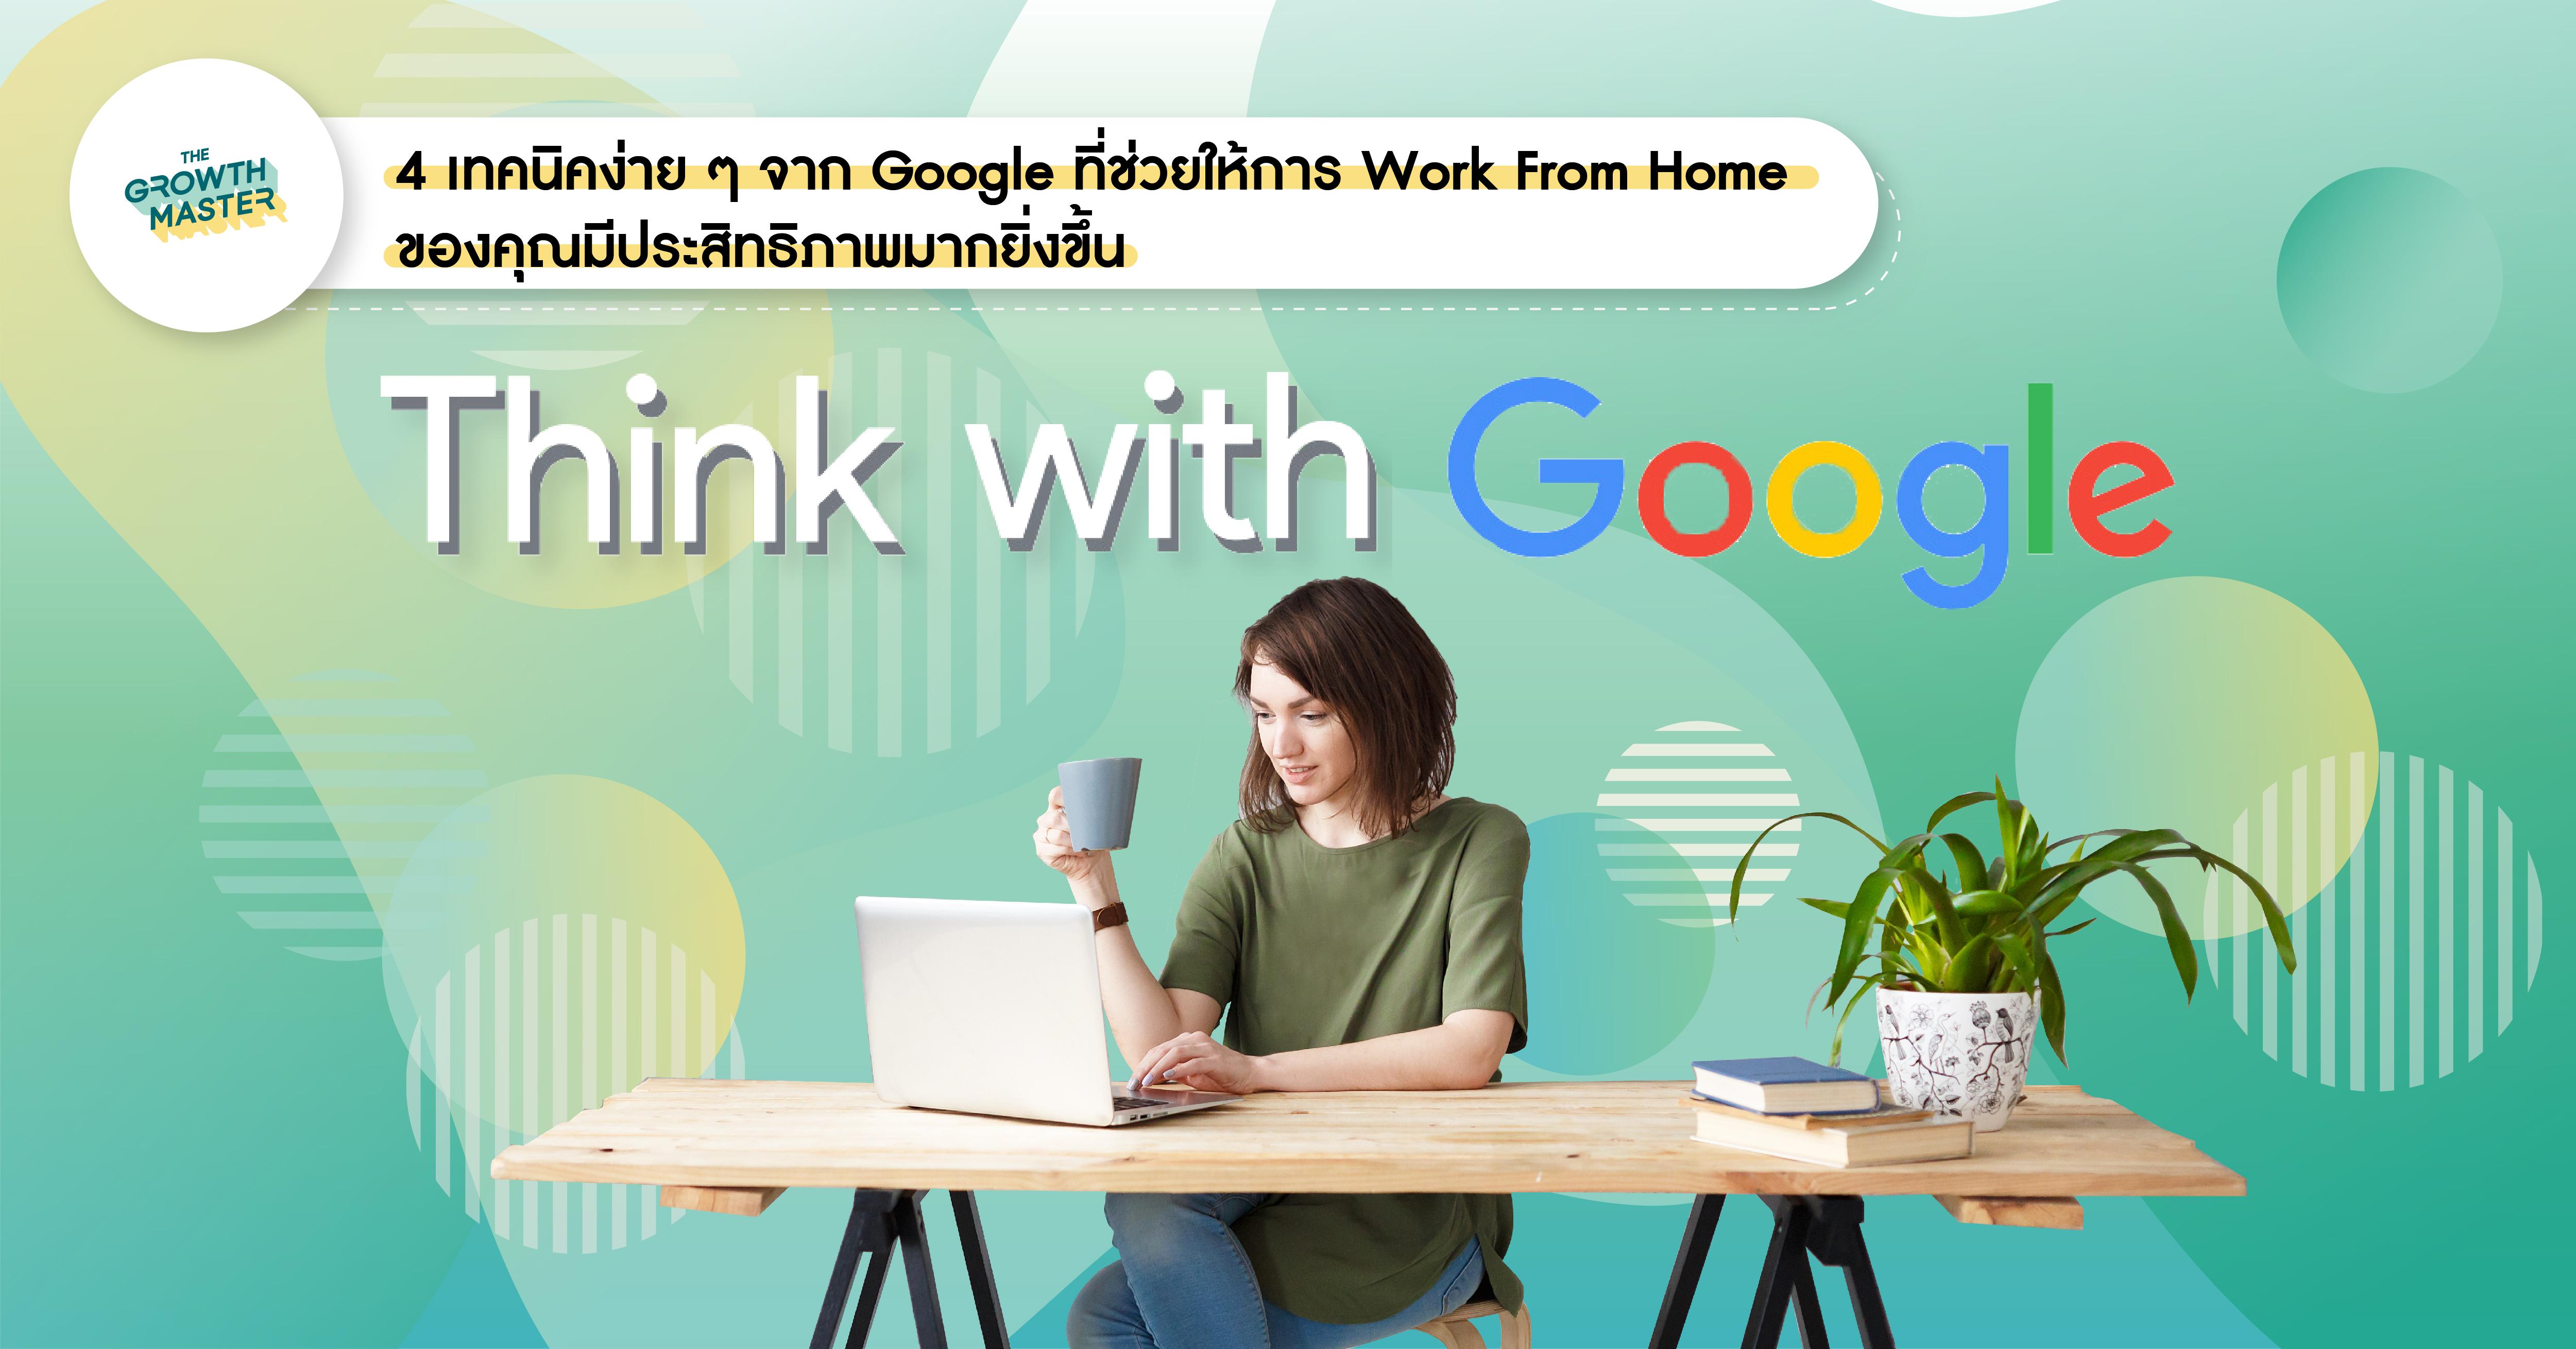 4 เทคนิคง่าย ๆ จาก Google ที่จะช่วยให้การ Work From Home ของคุณมีประสิทธิภาพมากยิ่งขึ้น